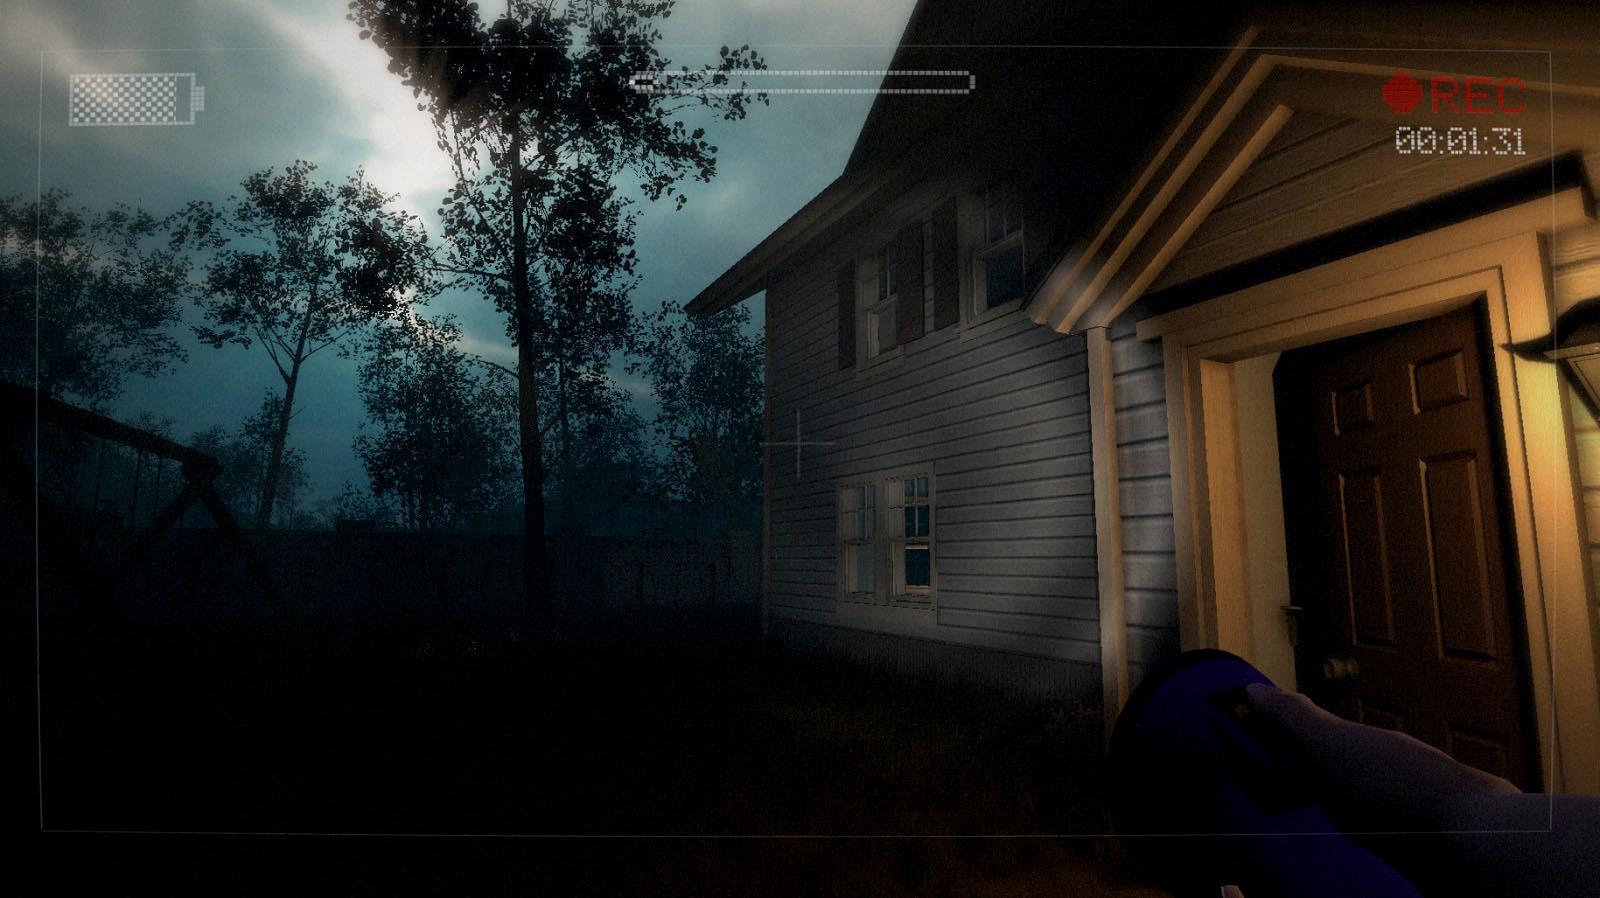 2349930 houseoutside - Slender The Arrival 2013 v1.0 CRACKED